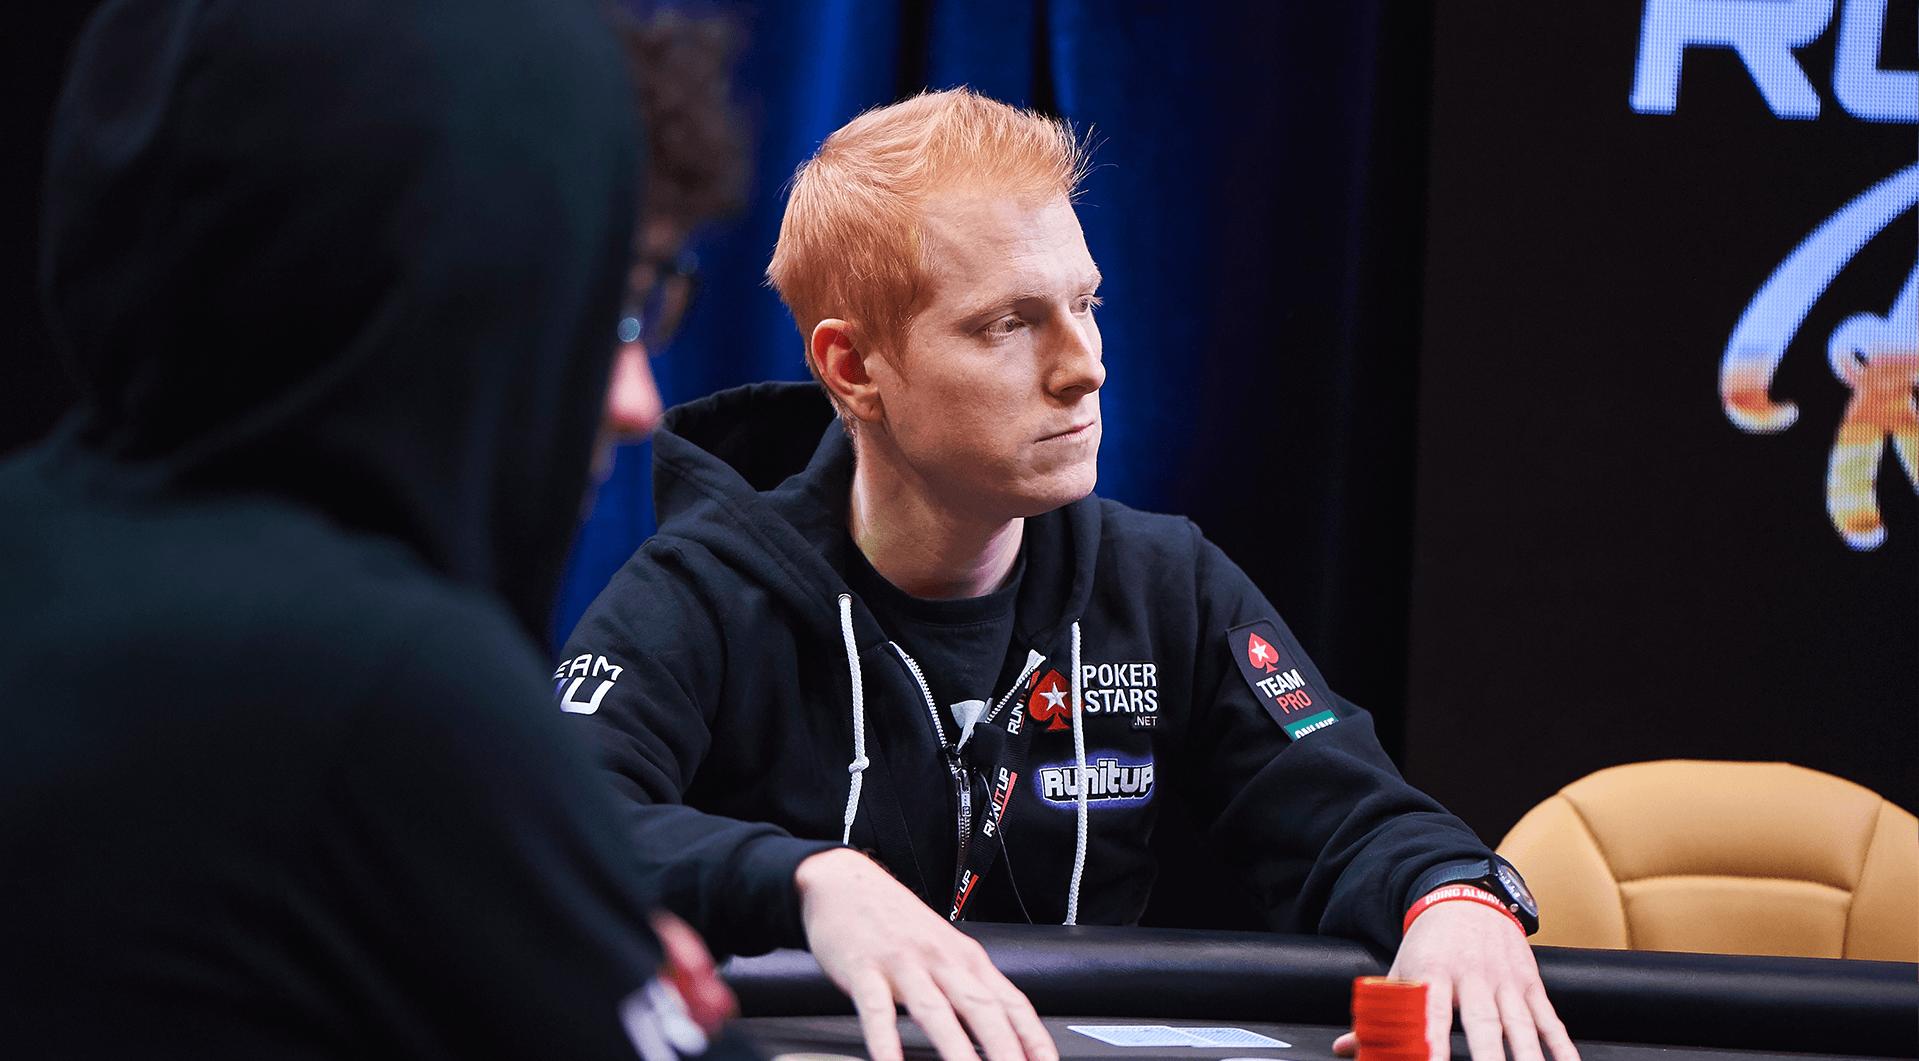 Felix Poker